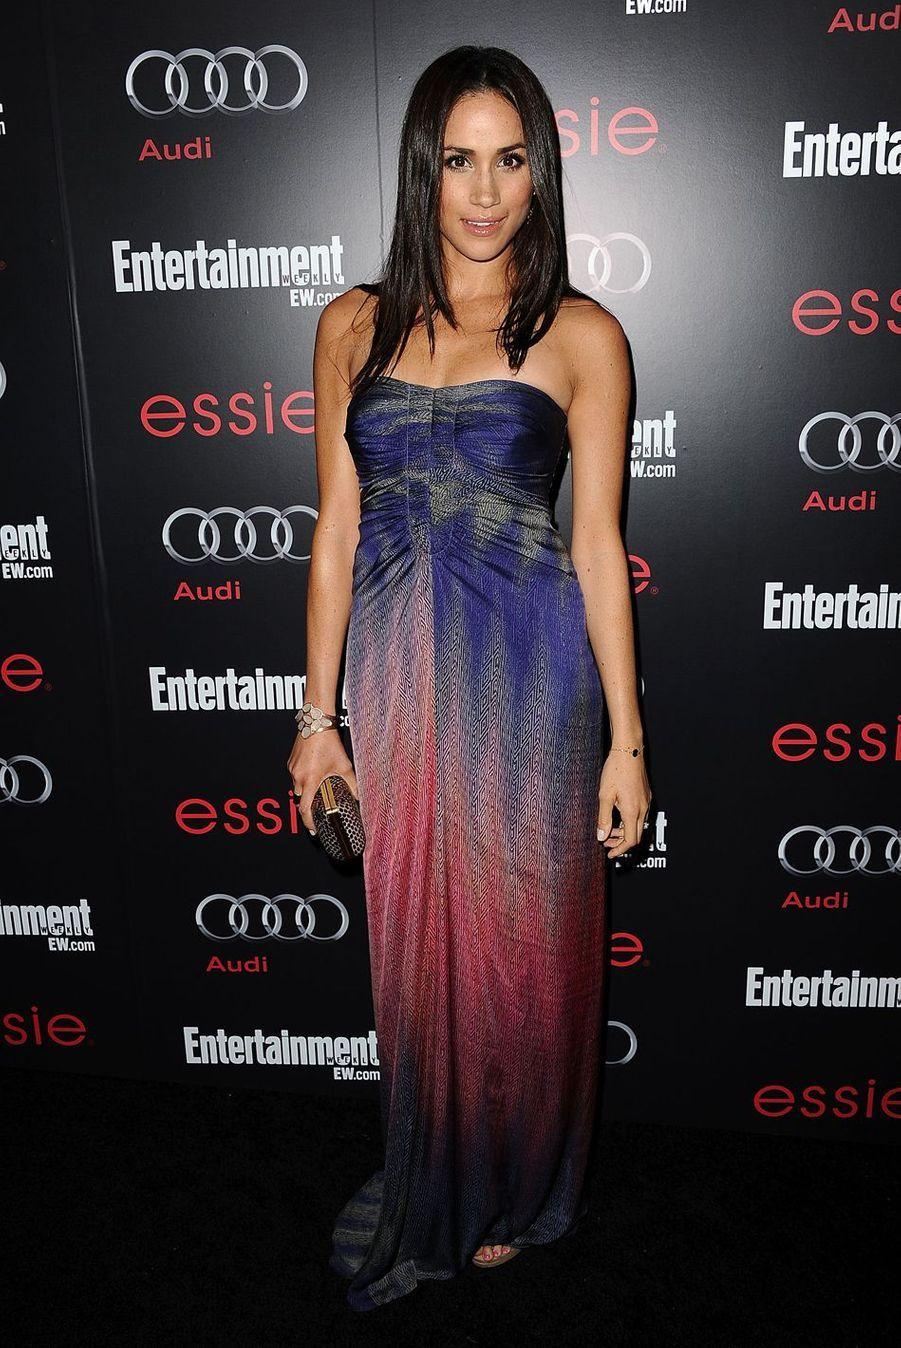 Meghan Markle lors d'une fête organisée par le magazine «Entertainment Weekly» au Chateau Marmont à Los Angeles en janvier 2013.